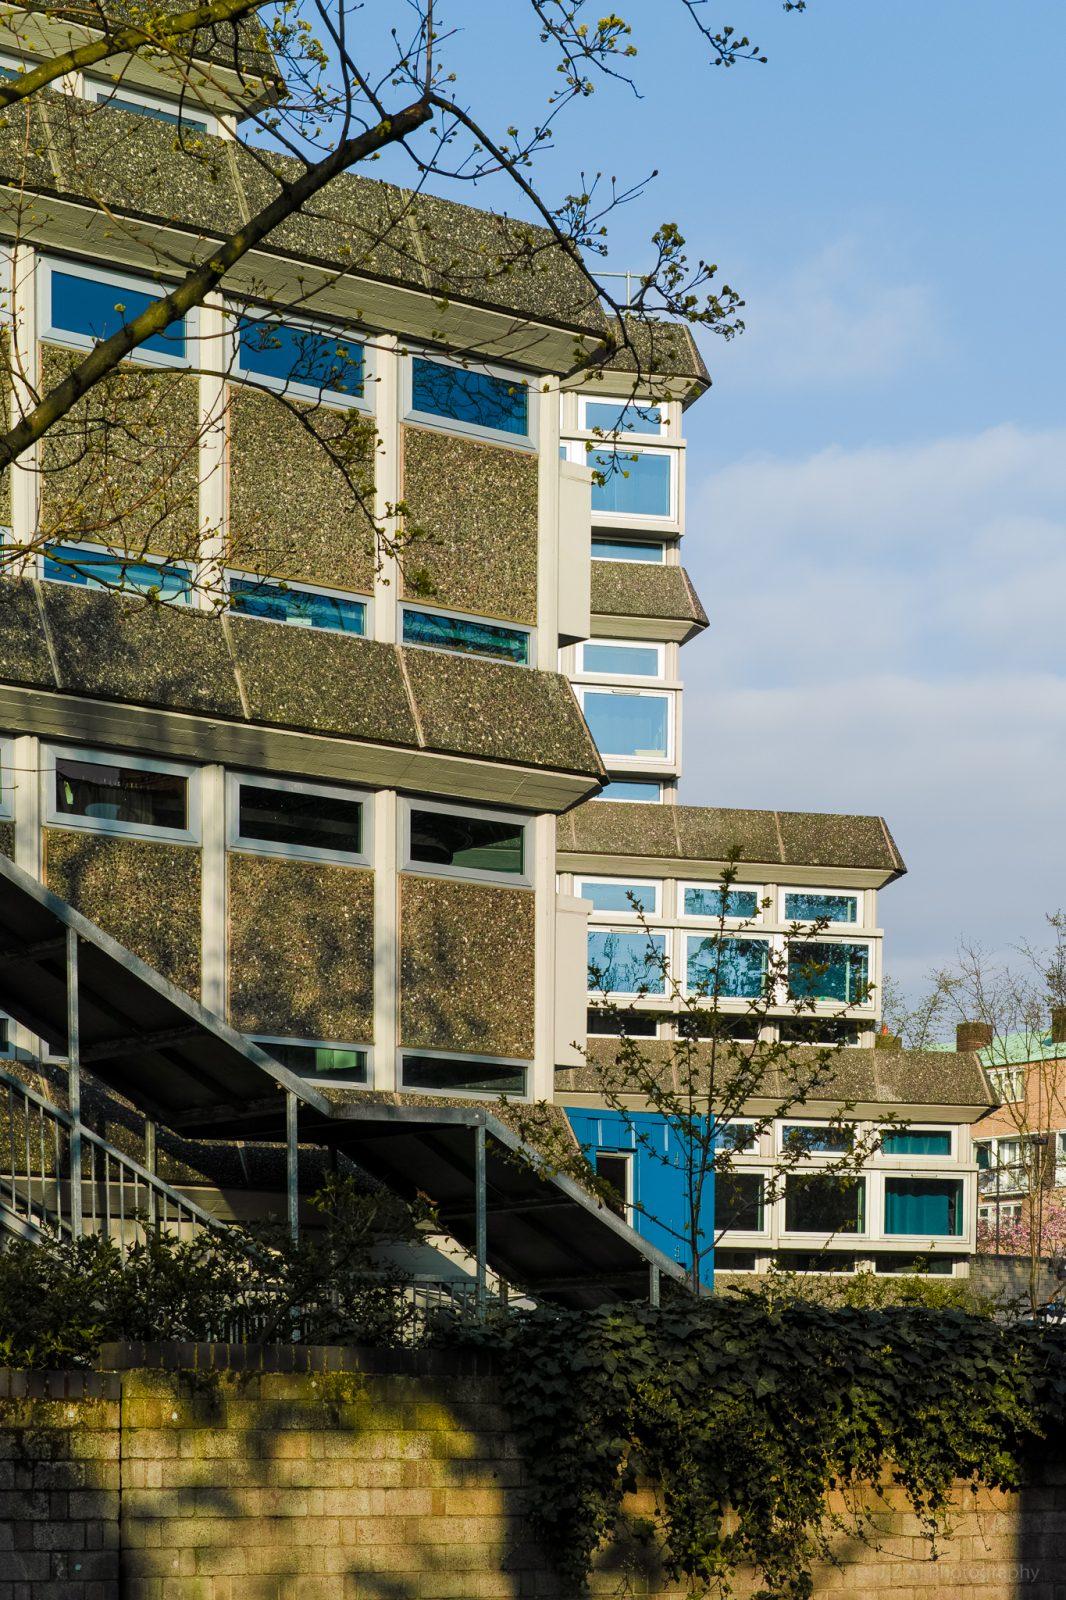 Acland Burghley School